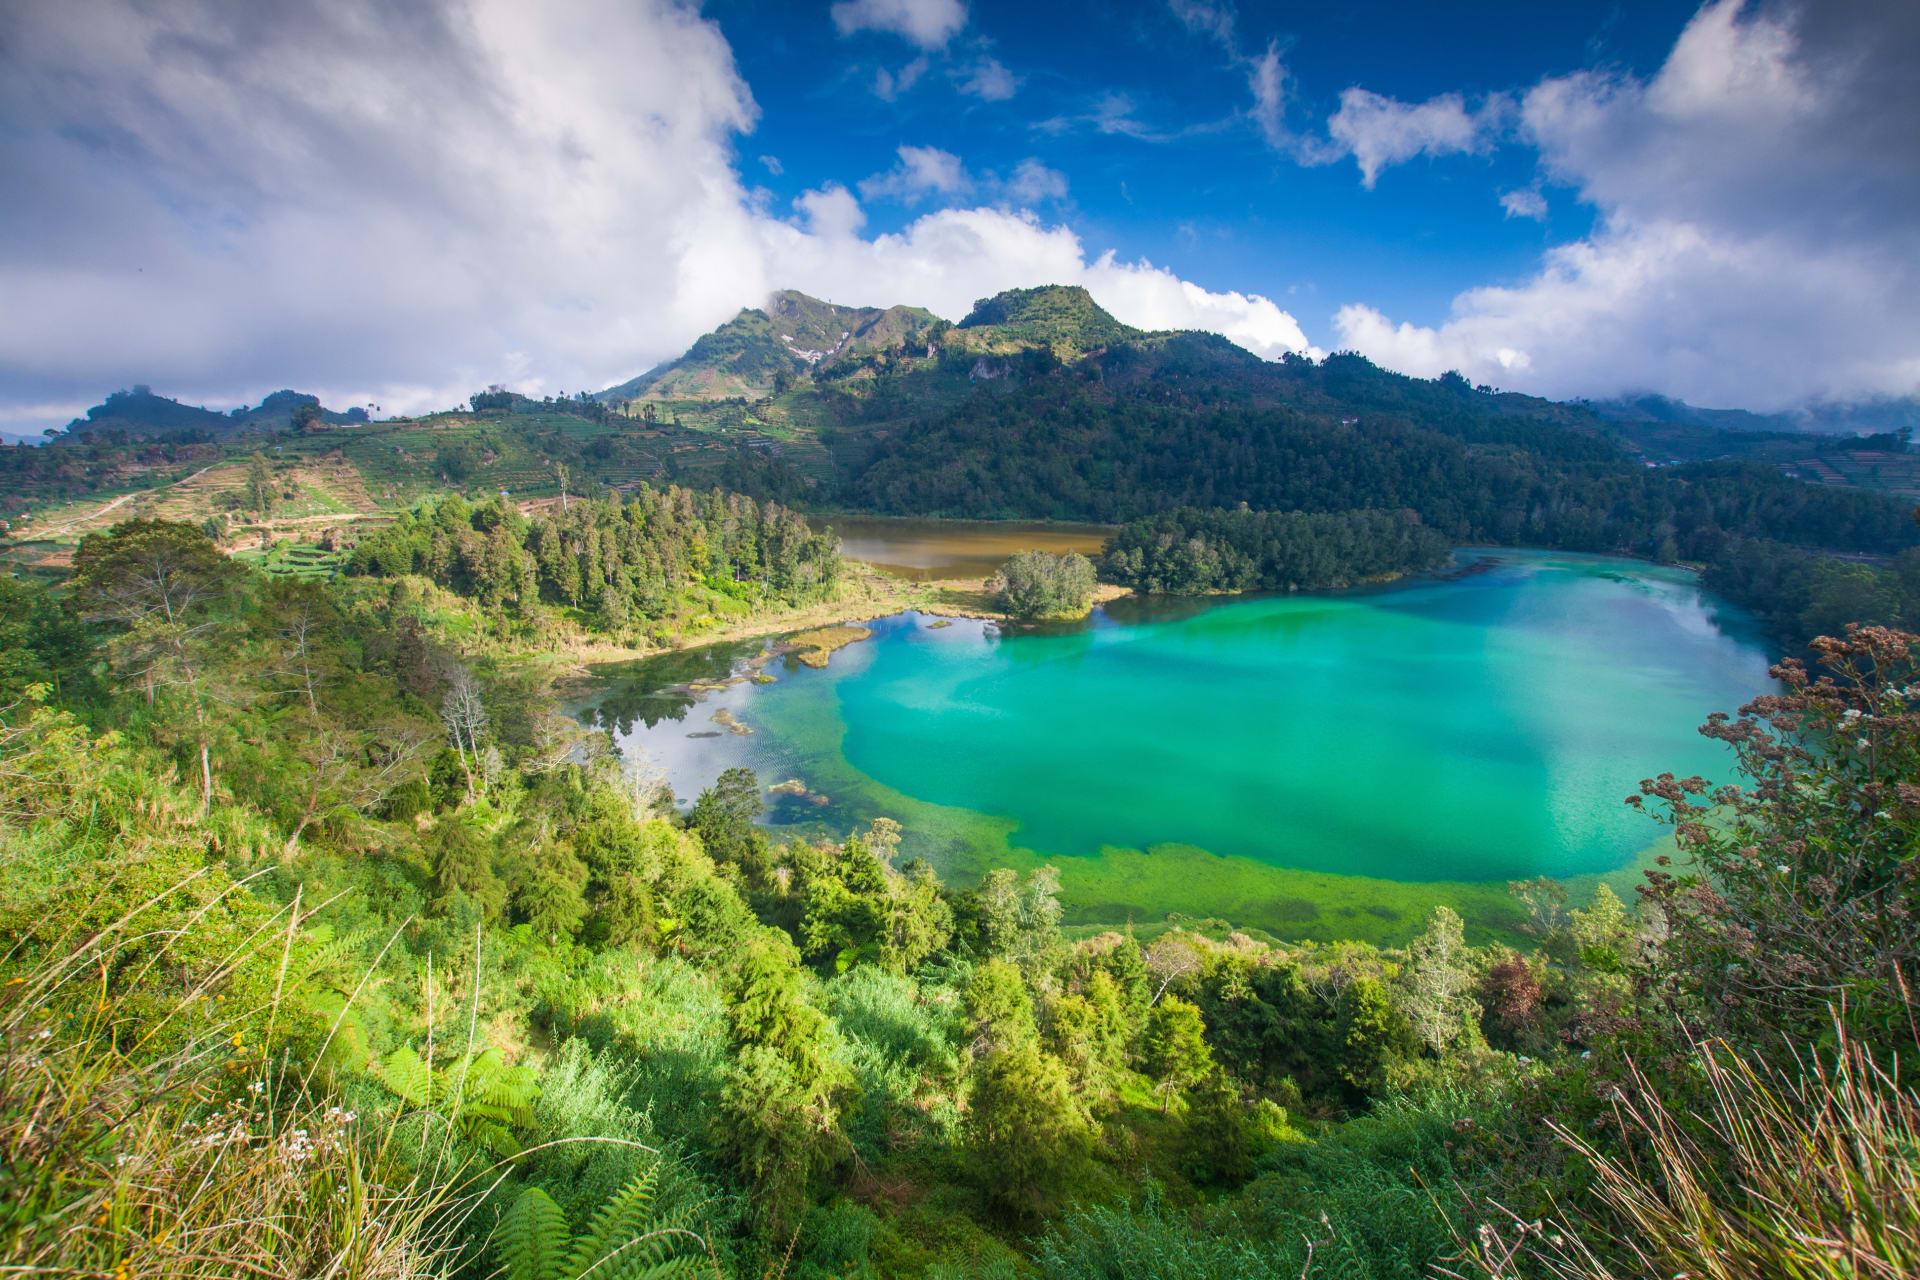 Wonosobo - Dieng's Color-Changing Lake